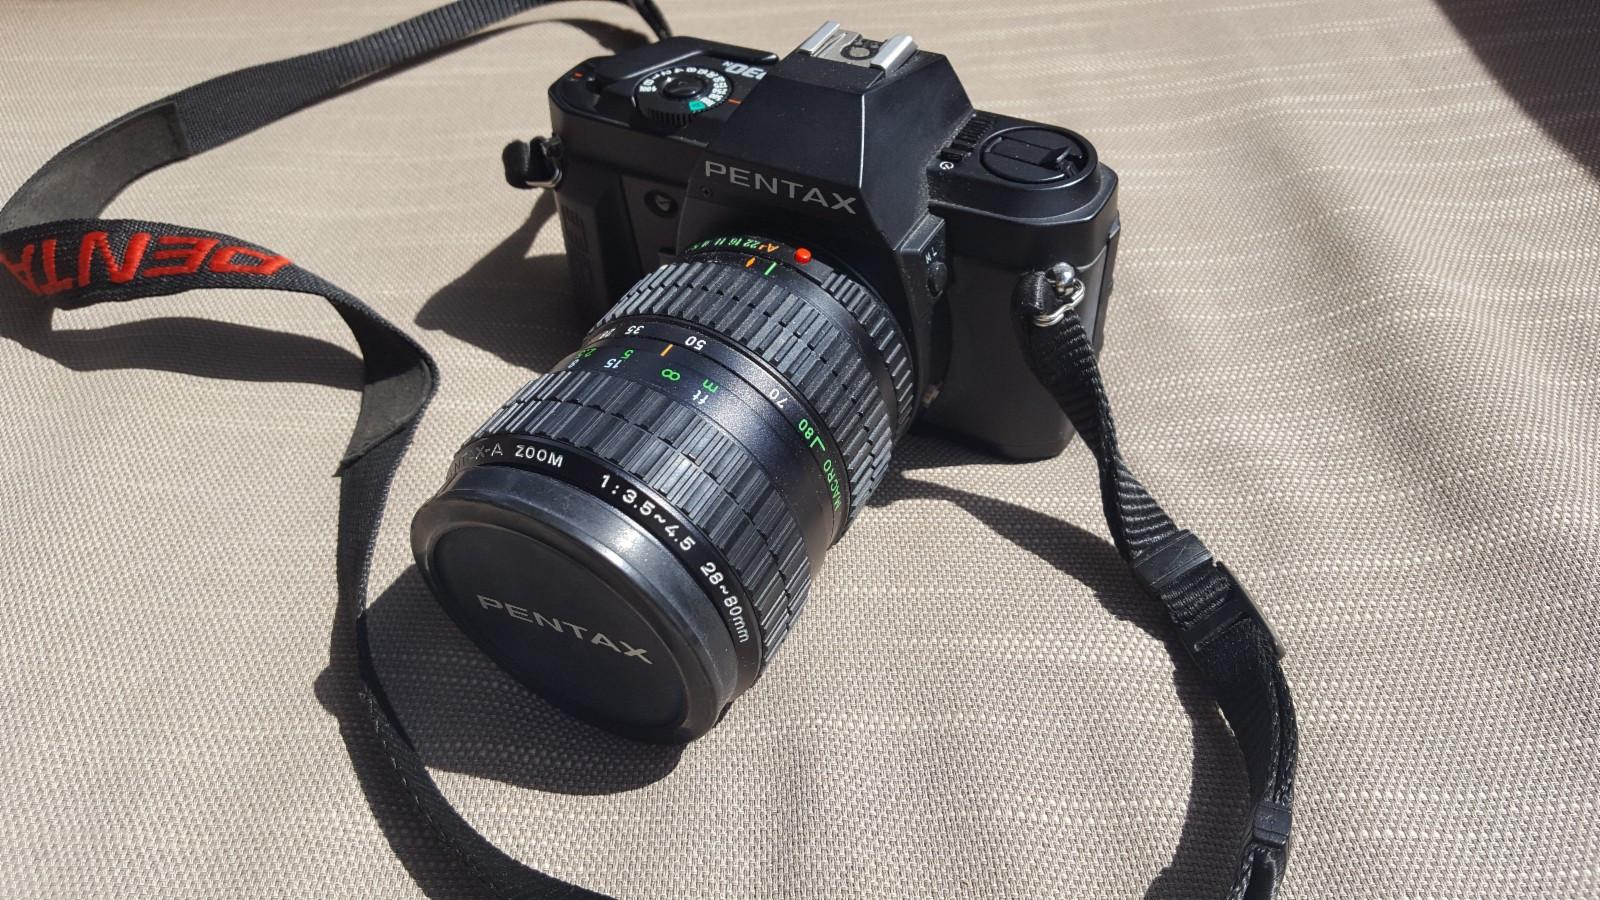 Analog Pentax P30n med zoom linse og blitz selges rimelig - Oslo  - Pent brukt retrokamera med zoom linse 28-80mm. Pentax AF260SA blitz (1-6,5m) og Pentax kameraveske samt bruksanvisning (på dansk) medfølger. Avhentes Øraker i Oslo. - Oslo